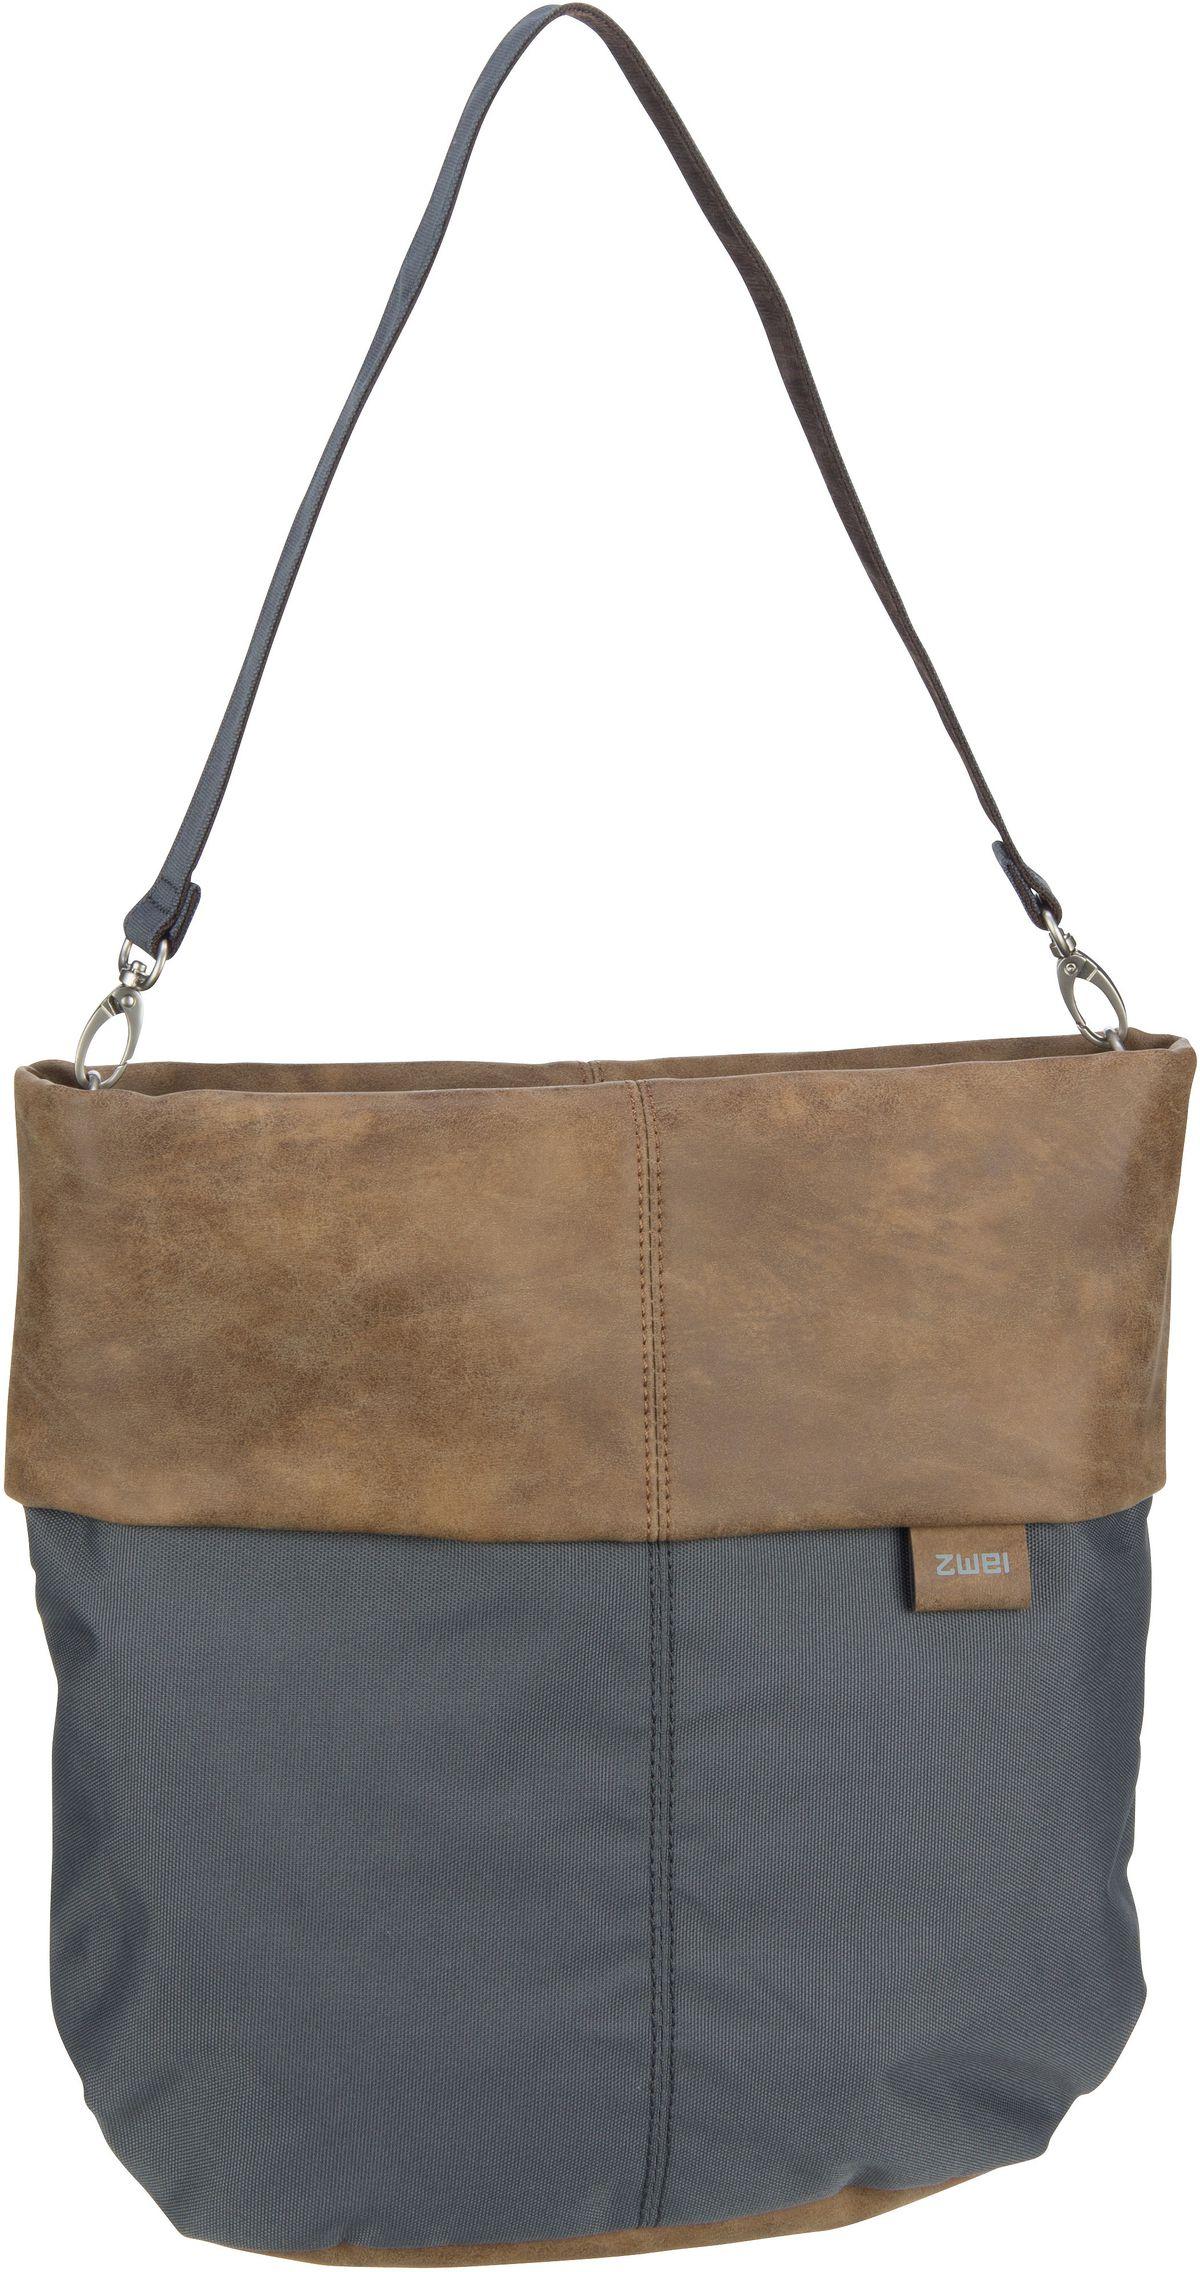 Handtasche Olli OT12 Limited/Stone (7 Liter)